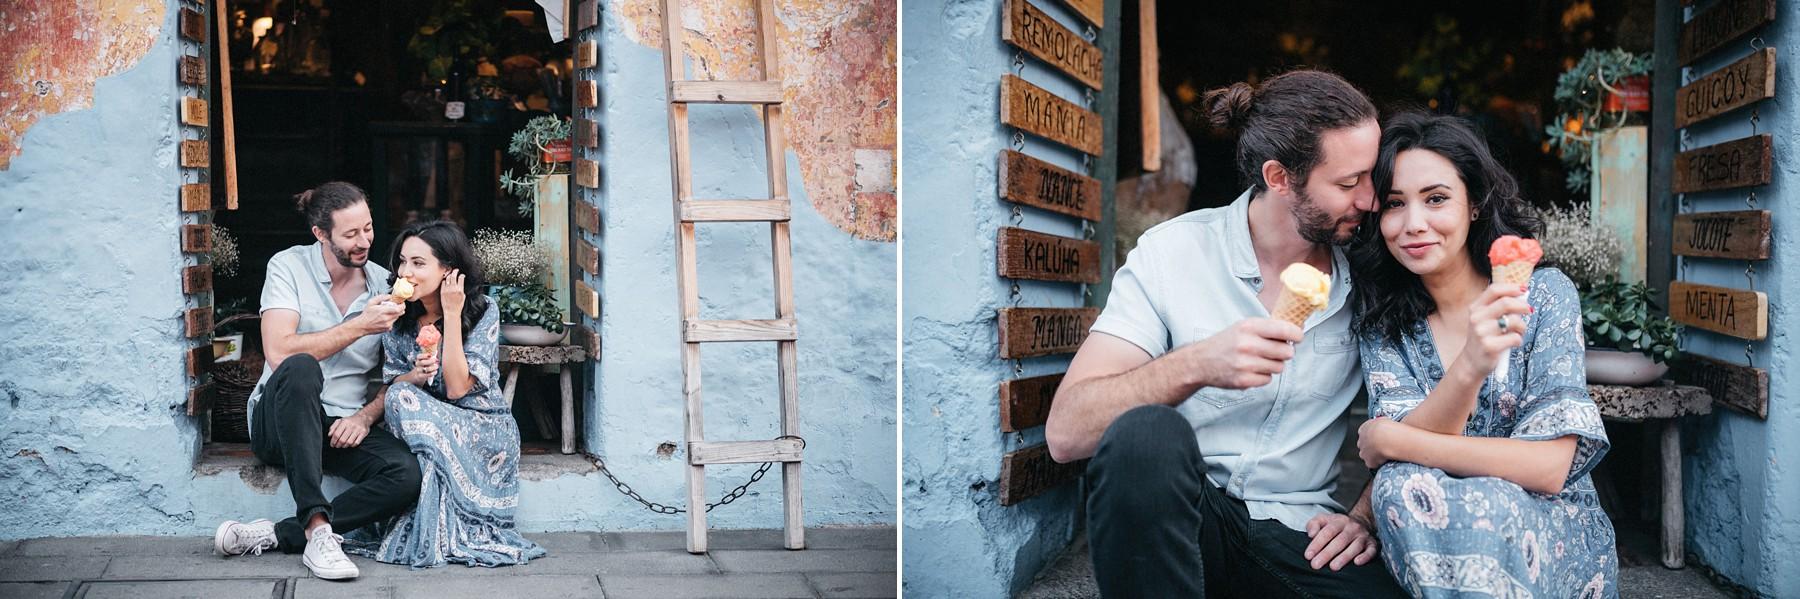 Engagement Photography Antigua Guatemala